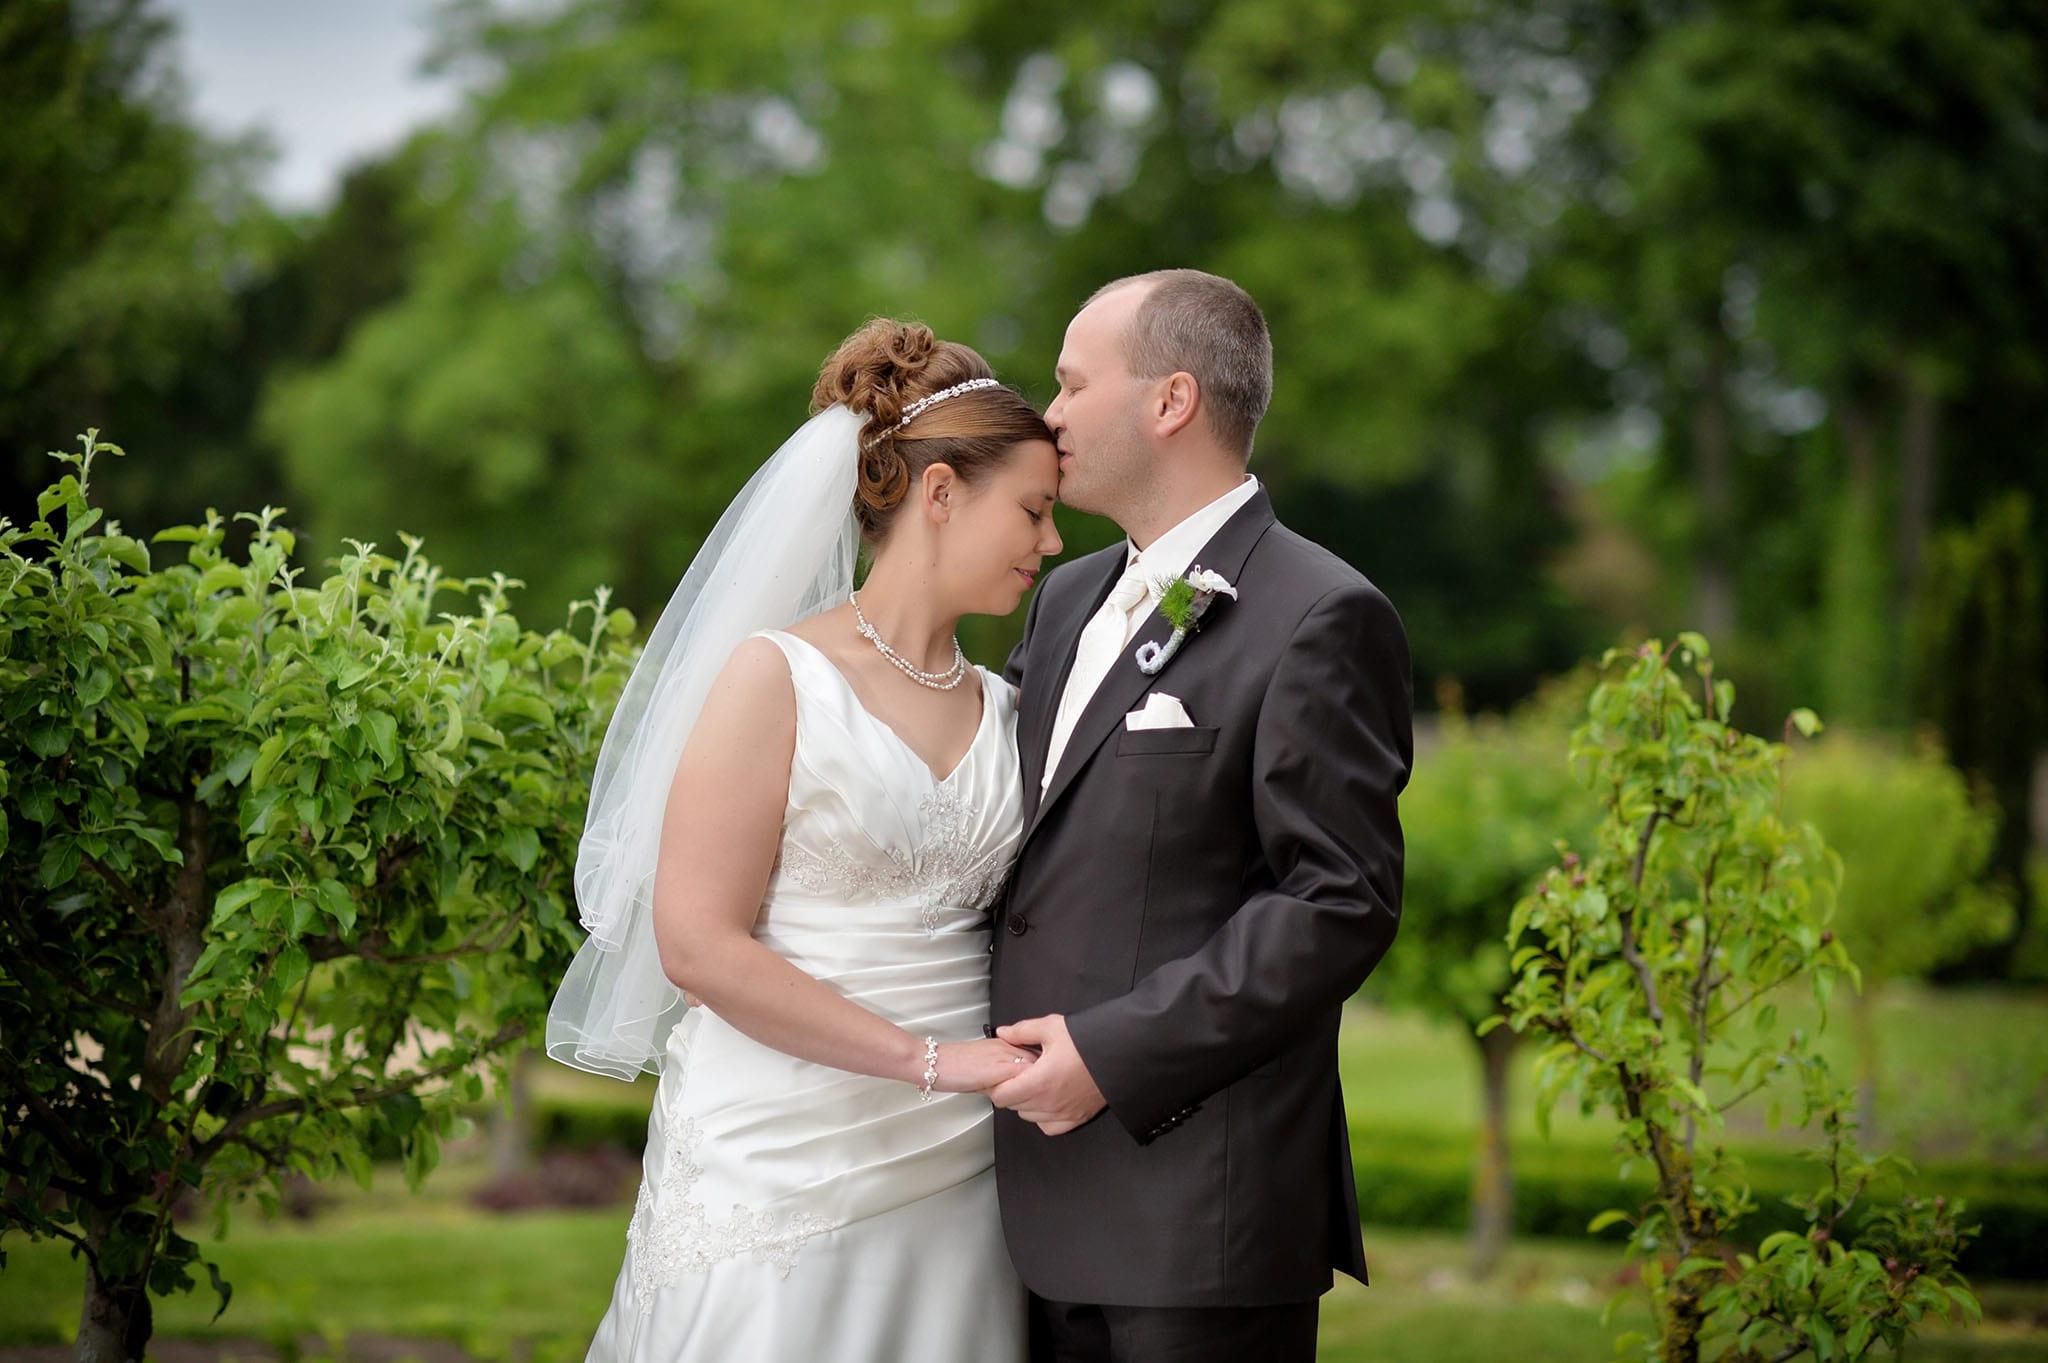 Hochzeit 054 Brautpaar Braut Bräutigam Hochzeit heiraten Paarshooting Darmstadt Hochzeitsfoto Hochzeitsfotografie Daniel Fuss Fotografie